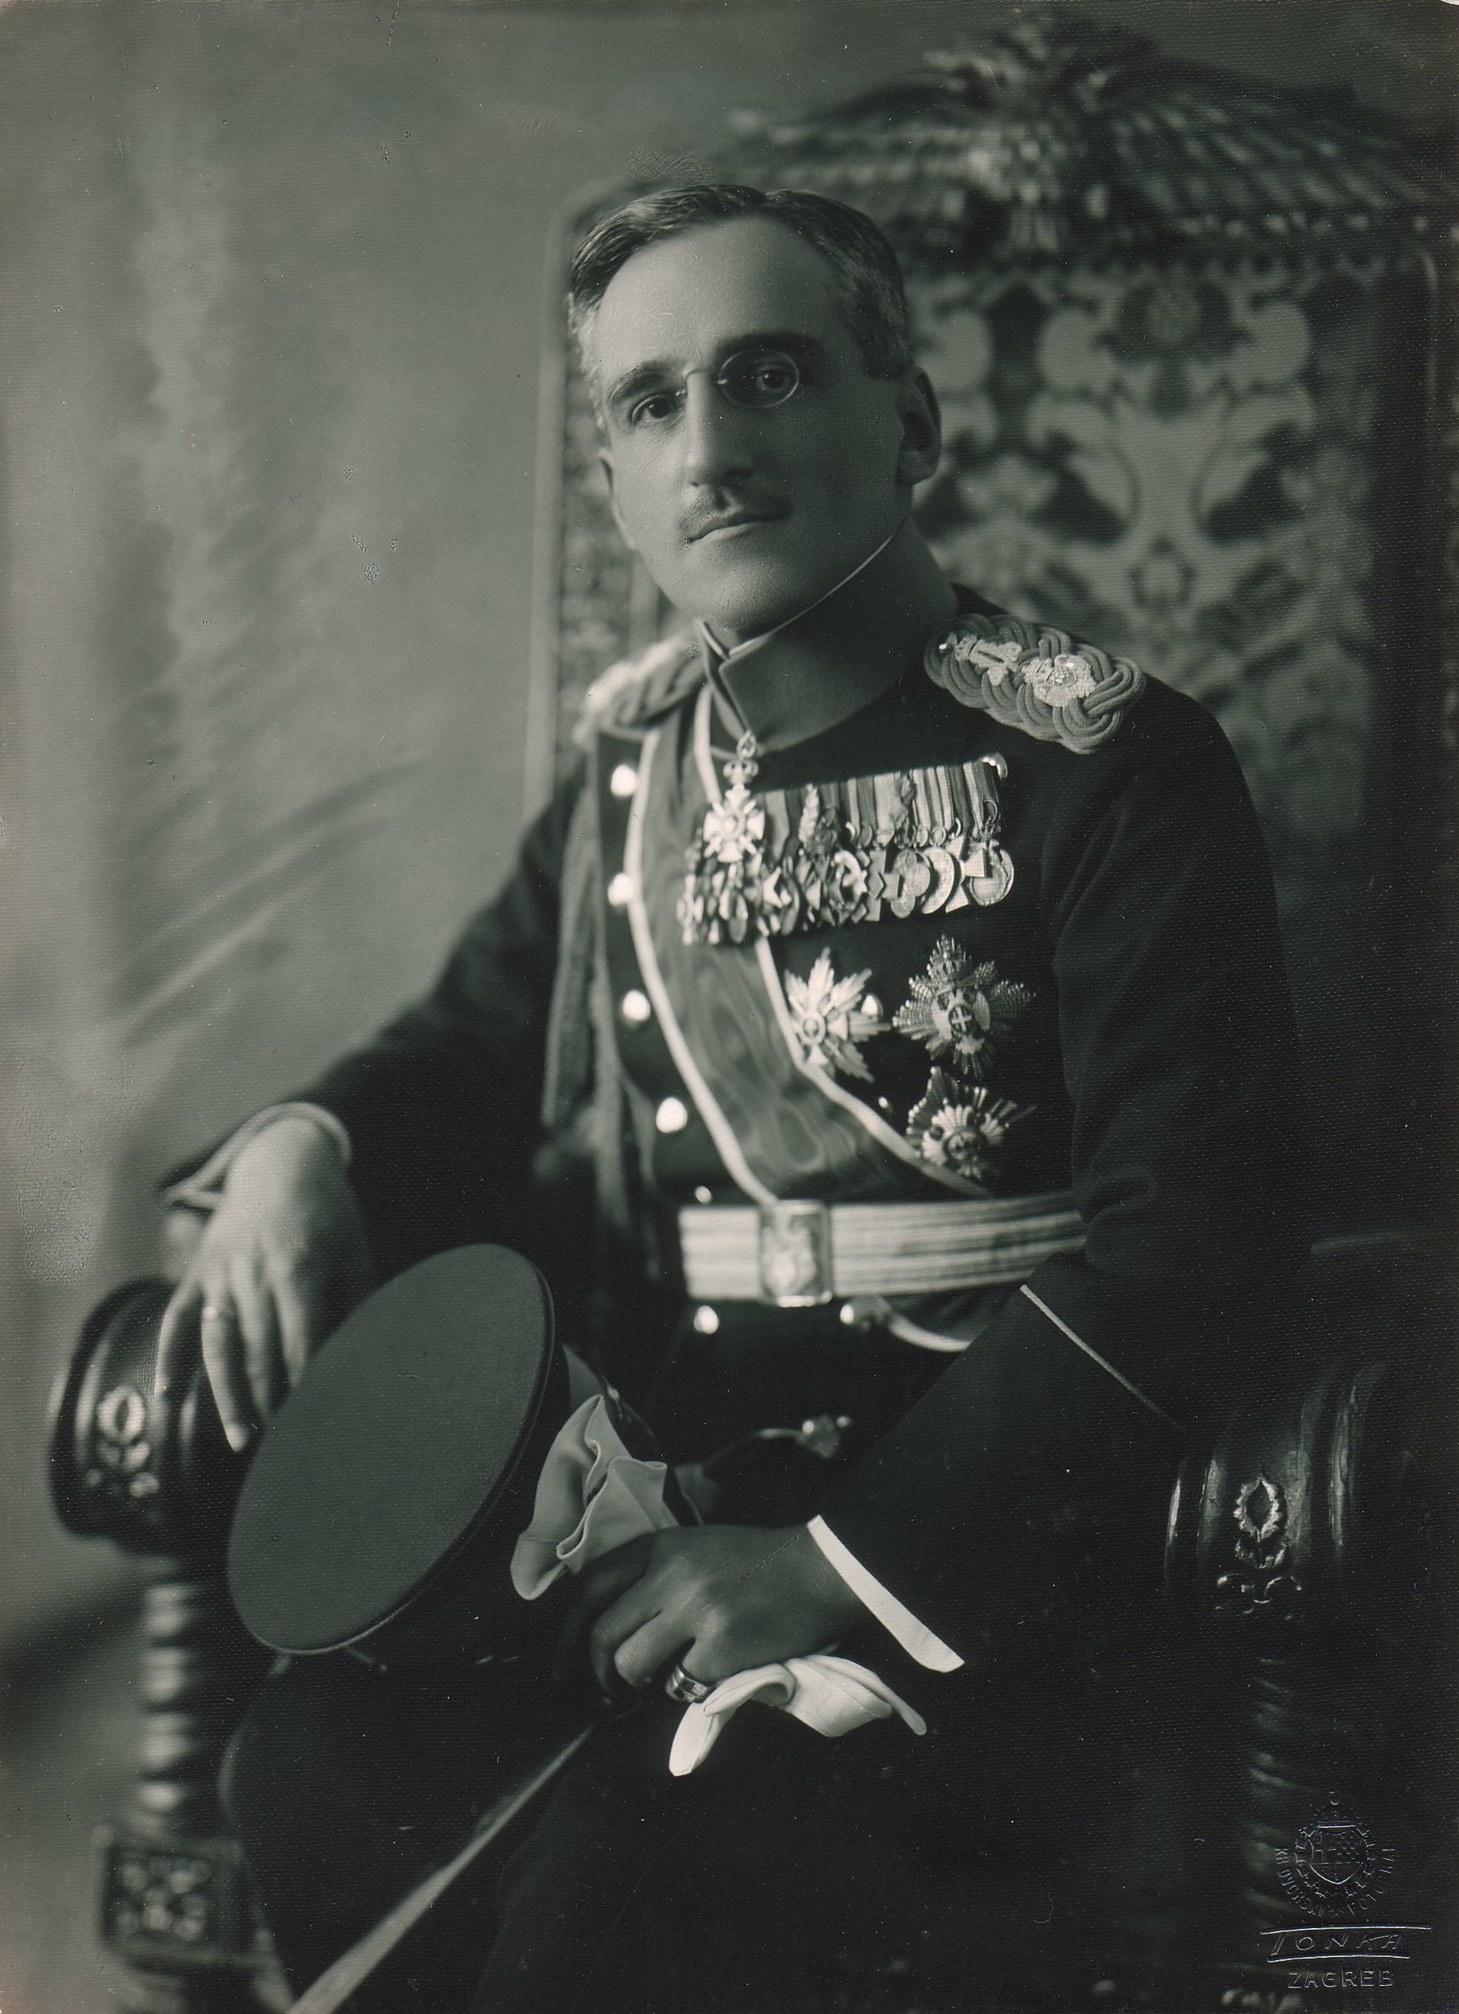 Fájl:Kralj aleksandar1.jpg